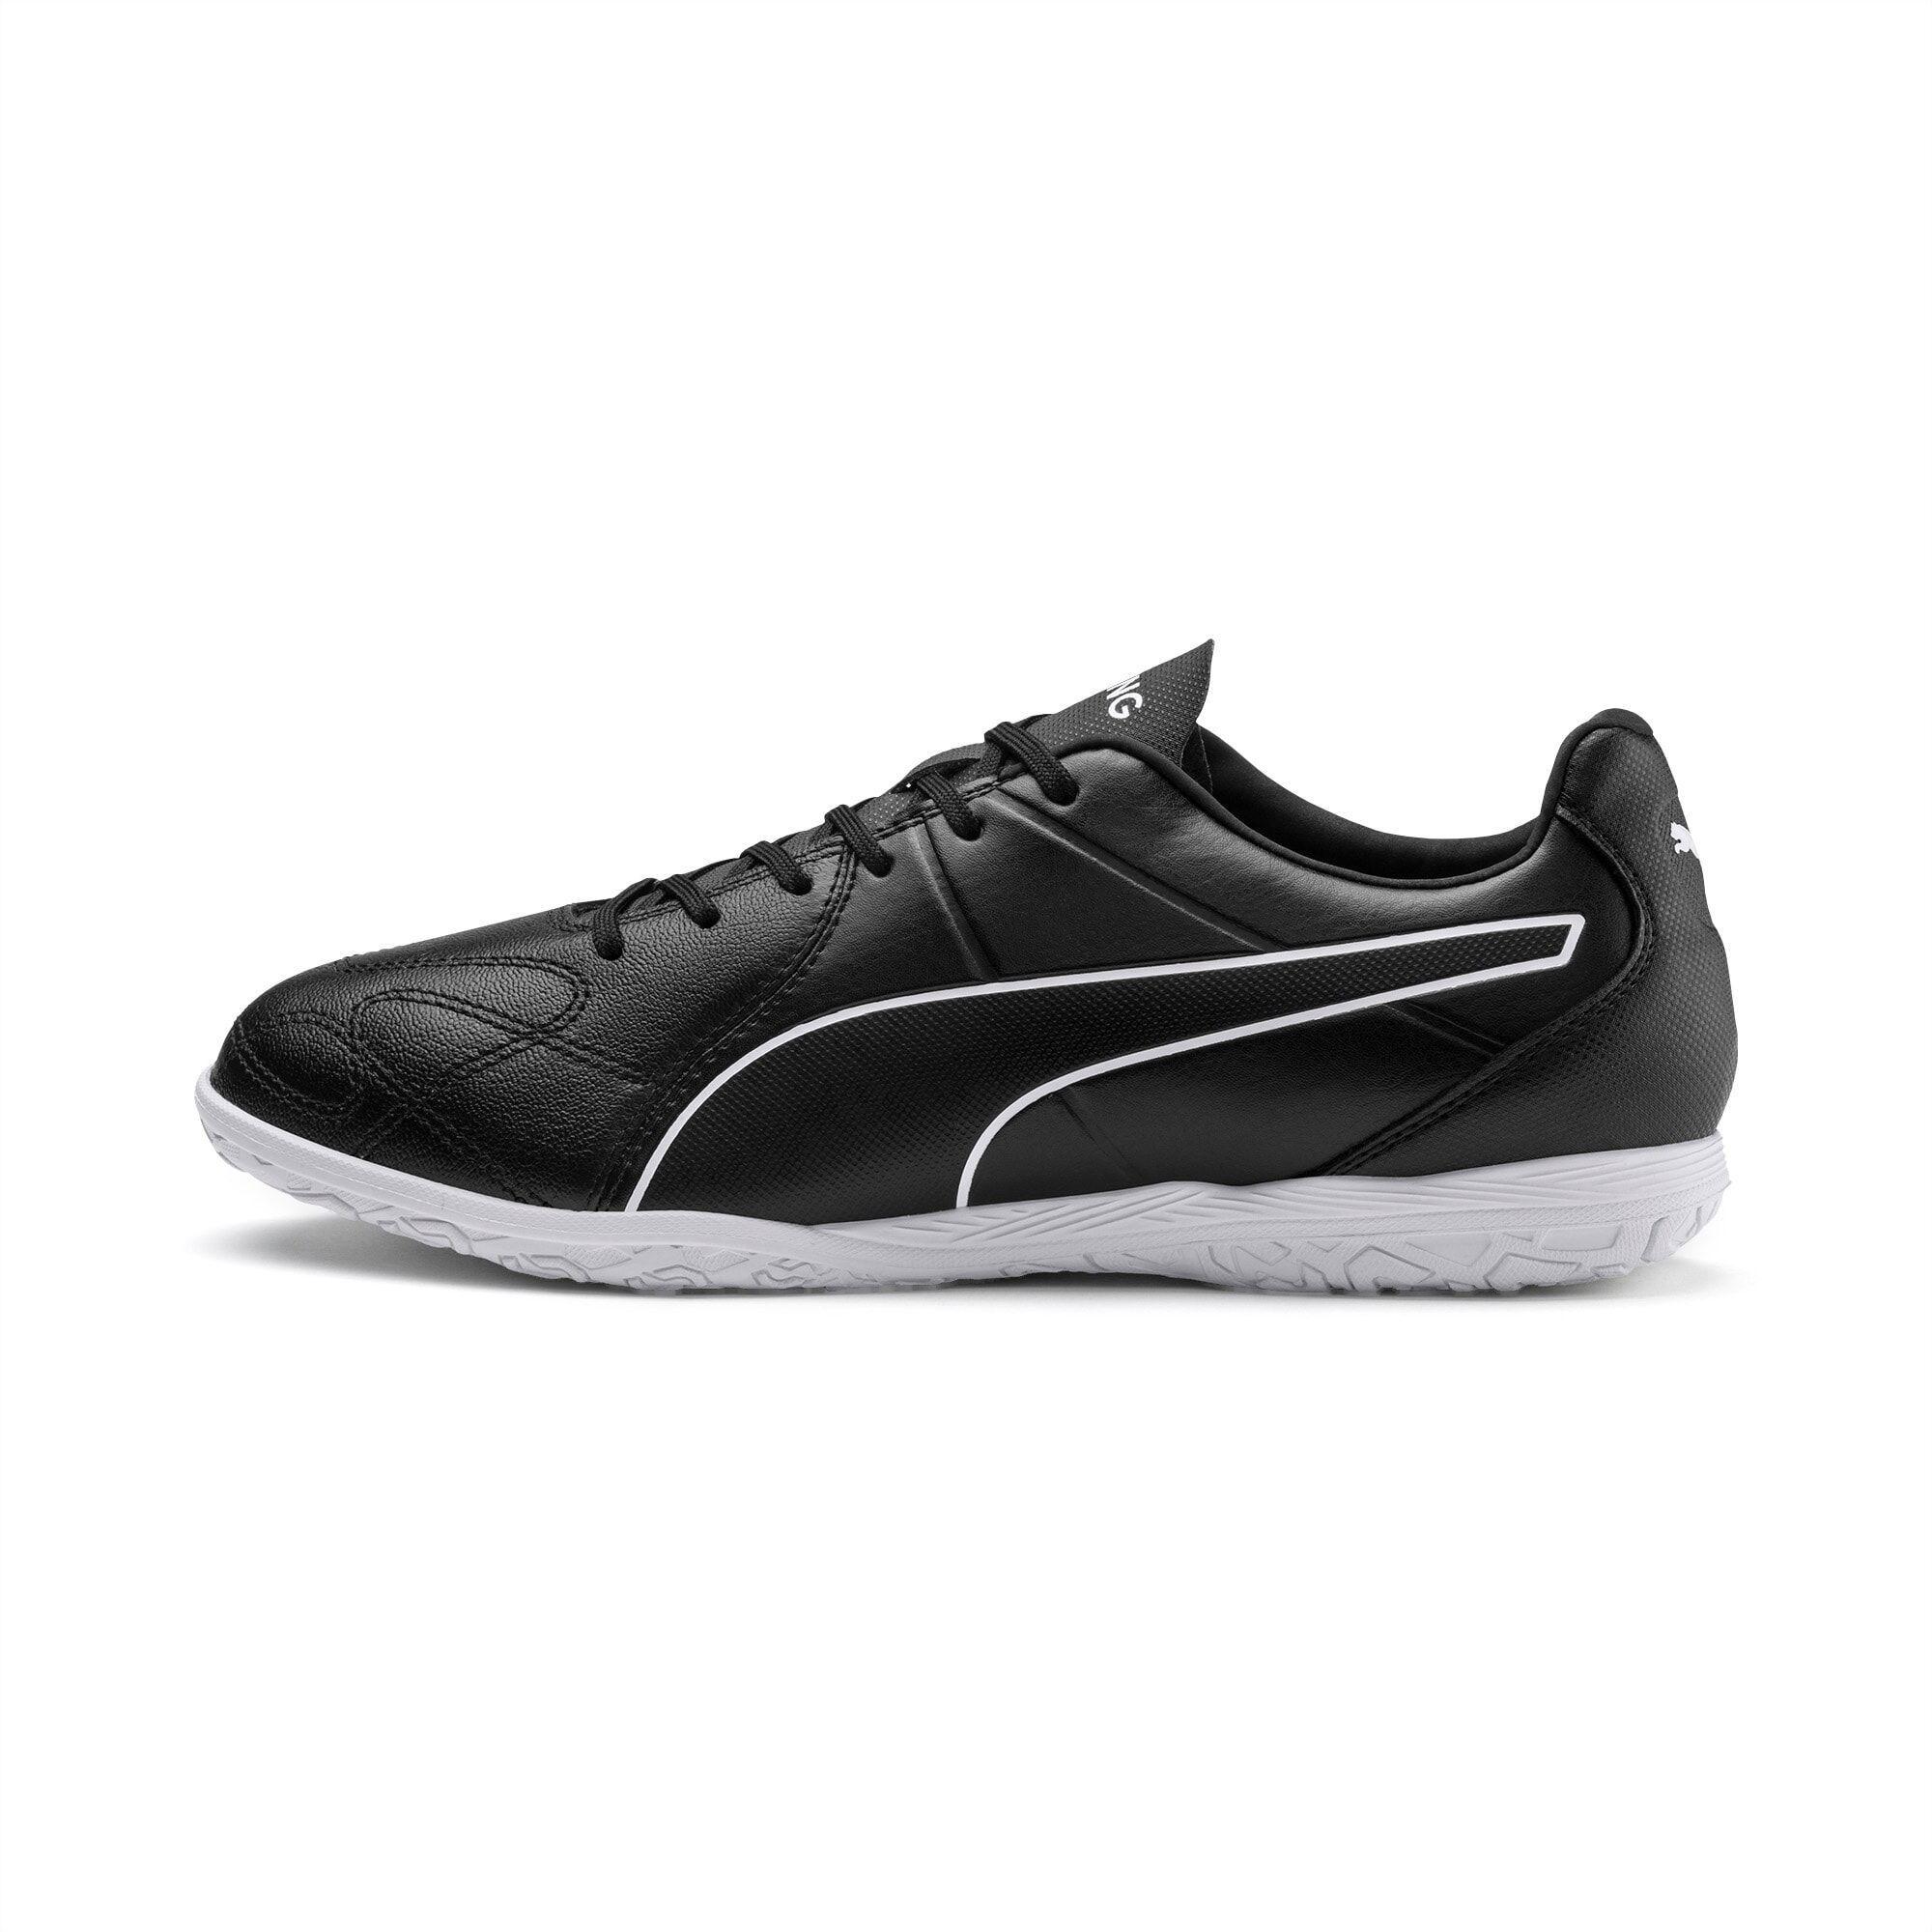 PUMA Chaussure de foot KING Hero IT, Noir/Blanc, Taille 43, Accessoires